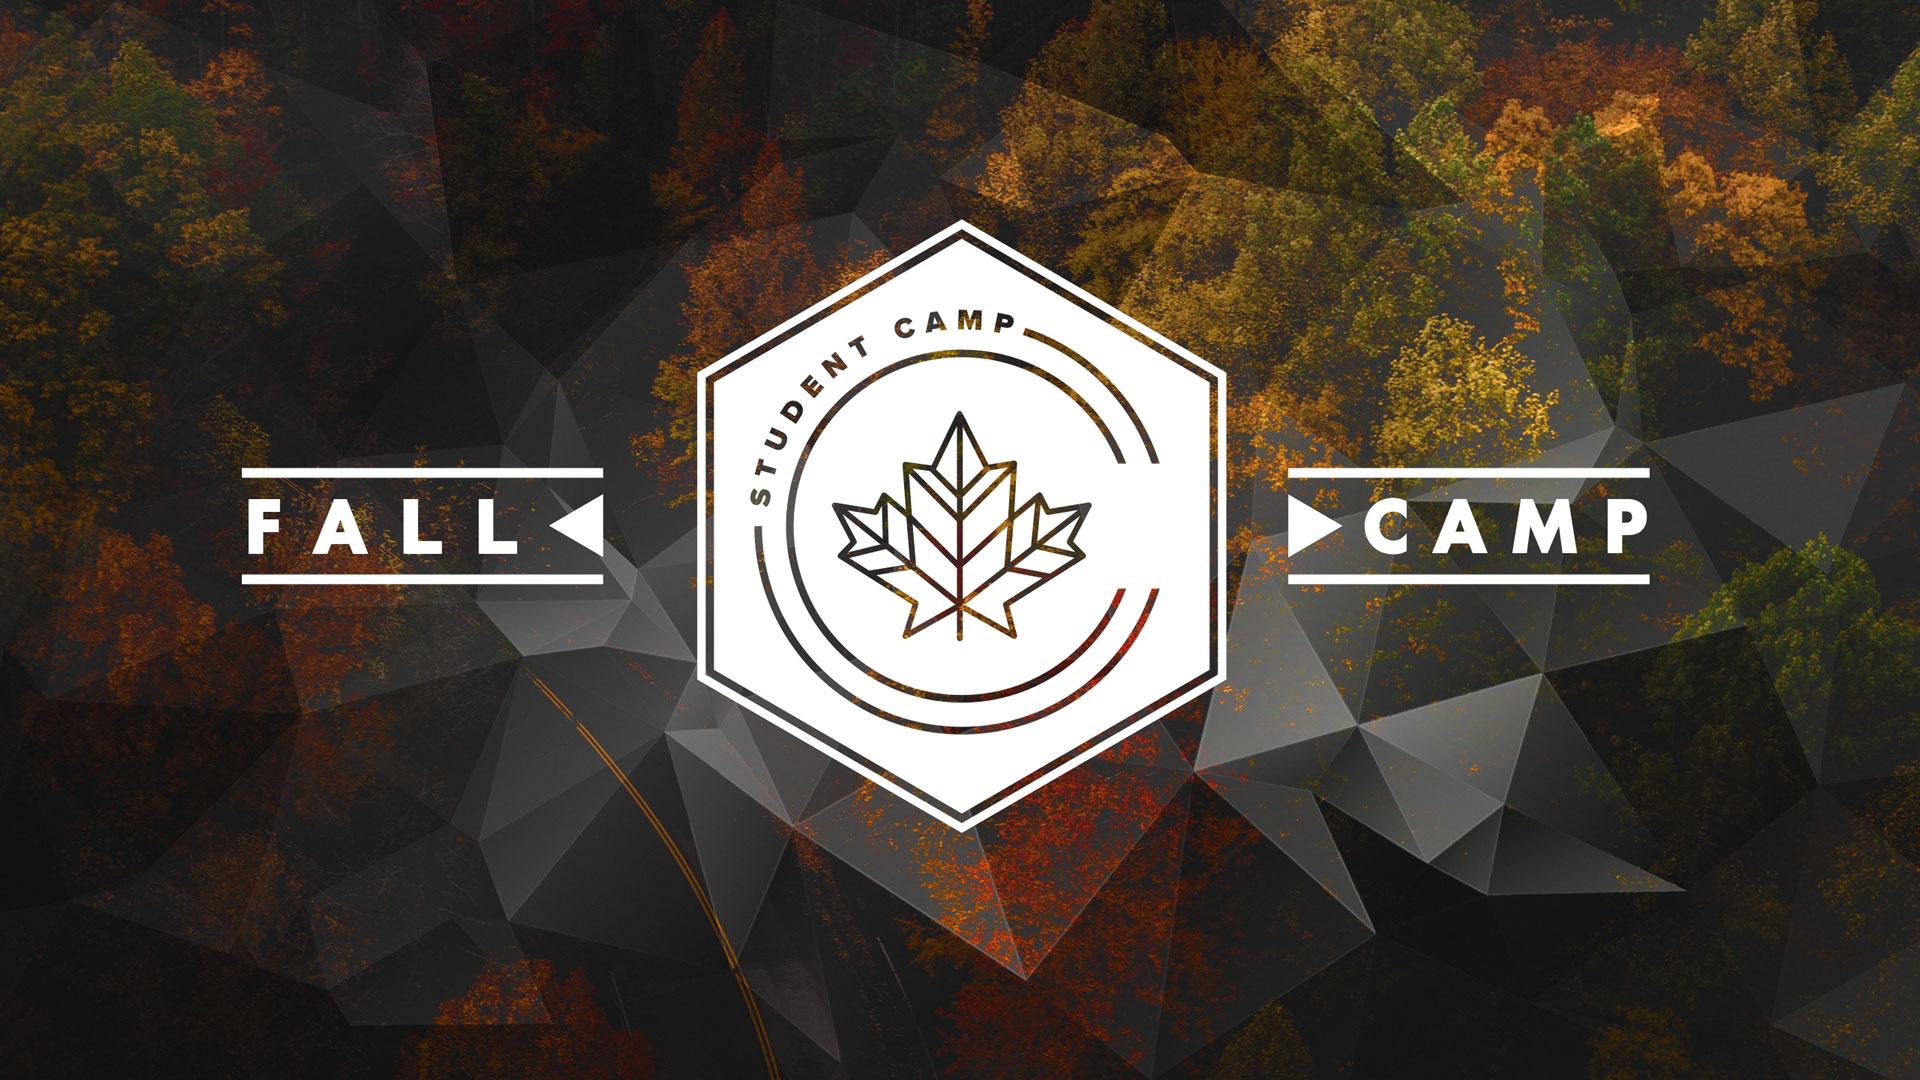 SL-Camp-Fall-Slide.jpg